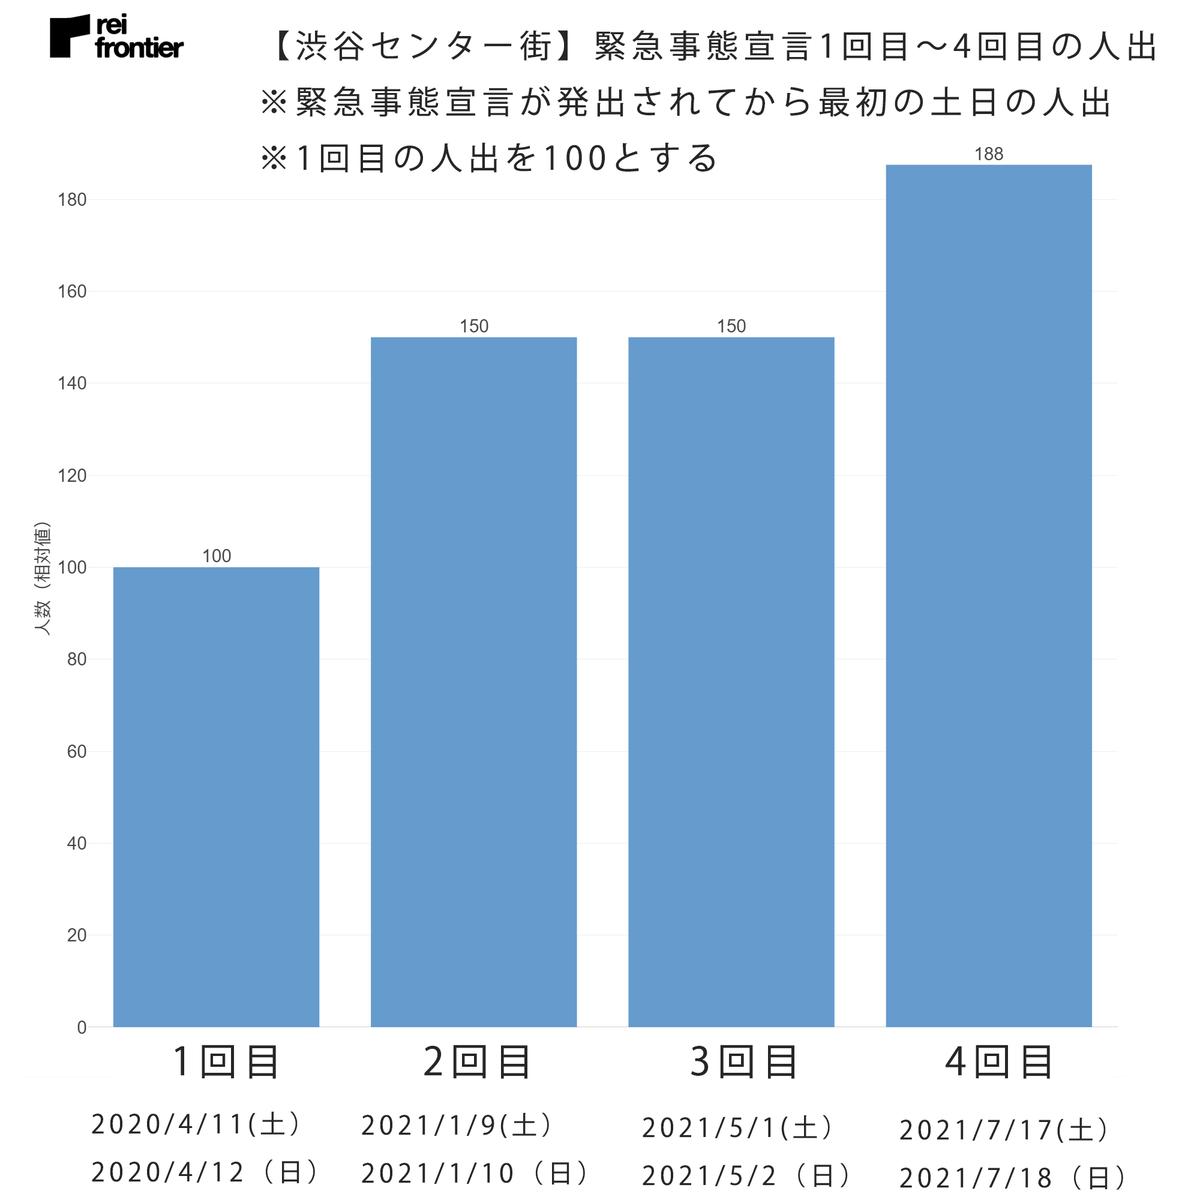 【渋谷センター街】緊急事態宣言1回目~4回目の人出